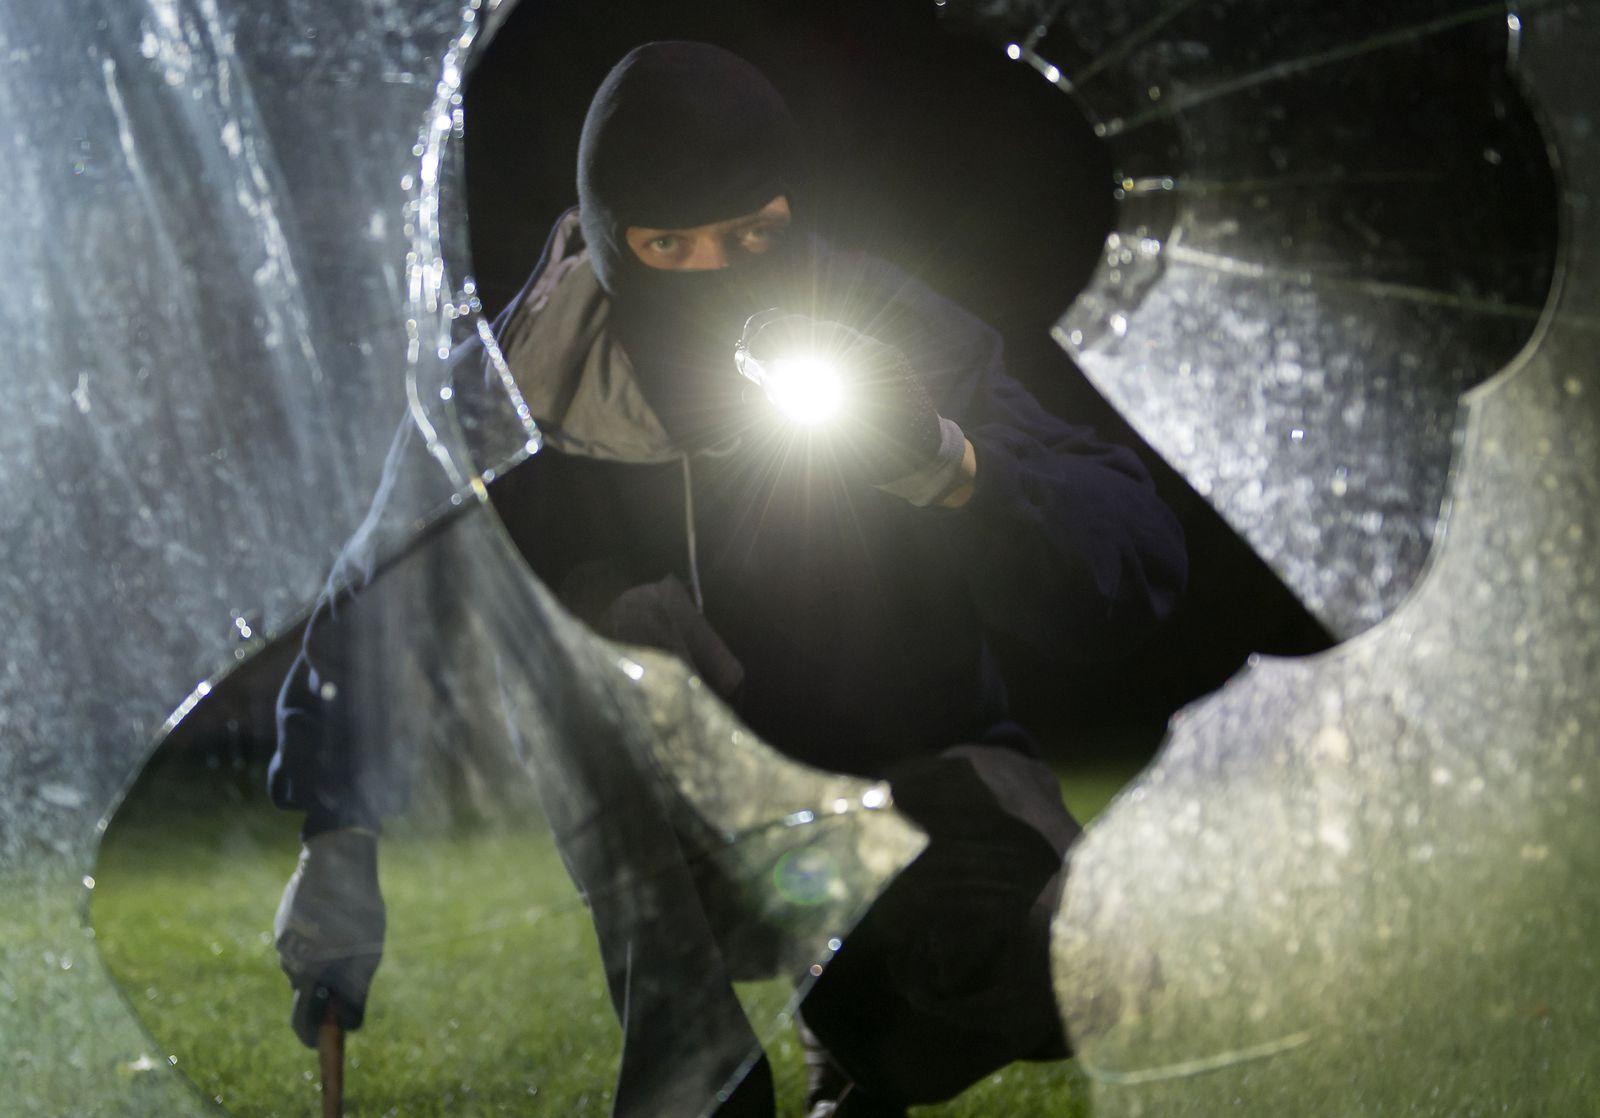 Wohnungseinbruch Einbruch Einbrecher